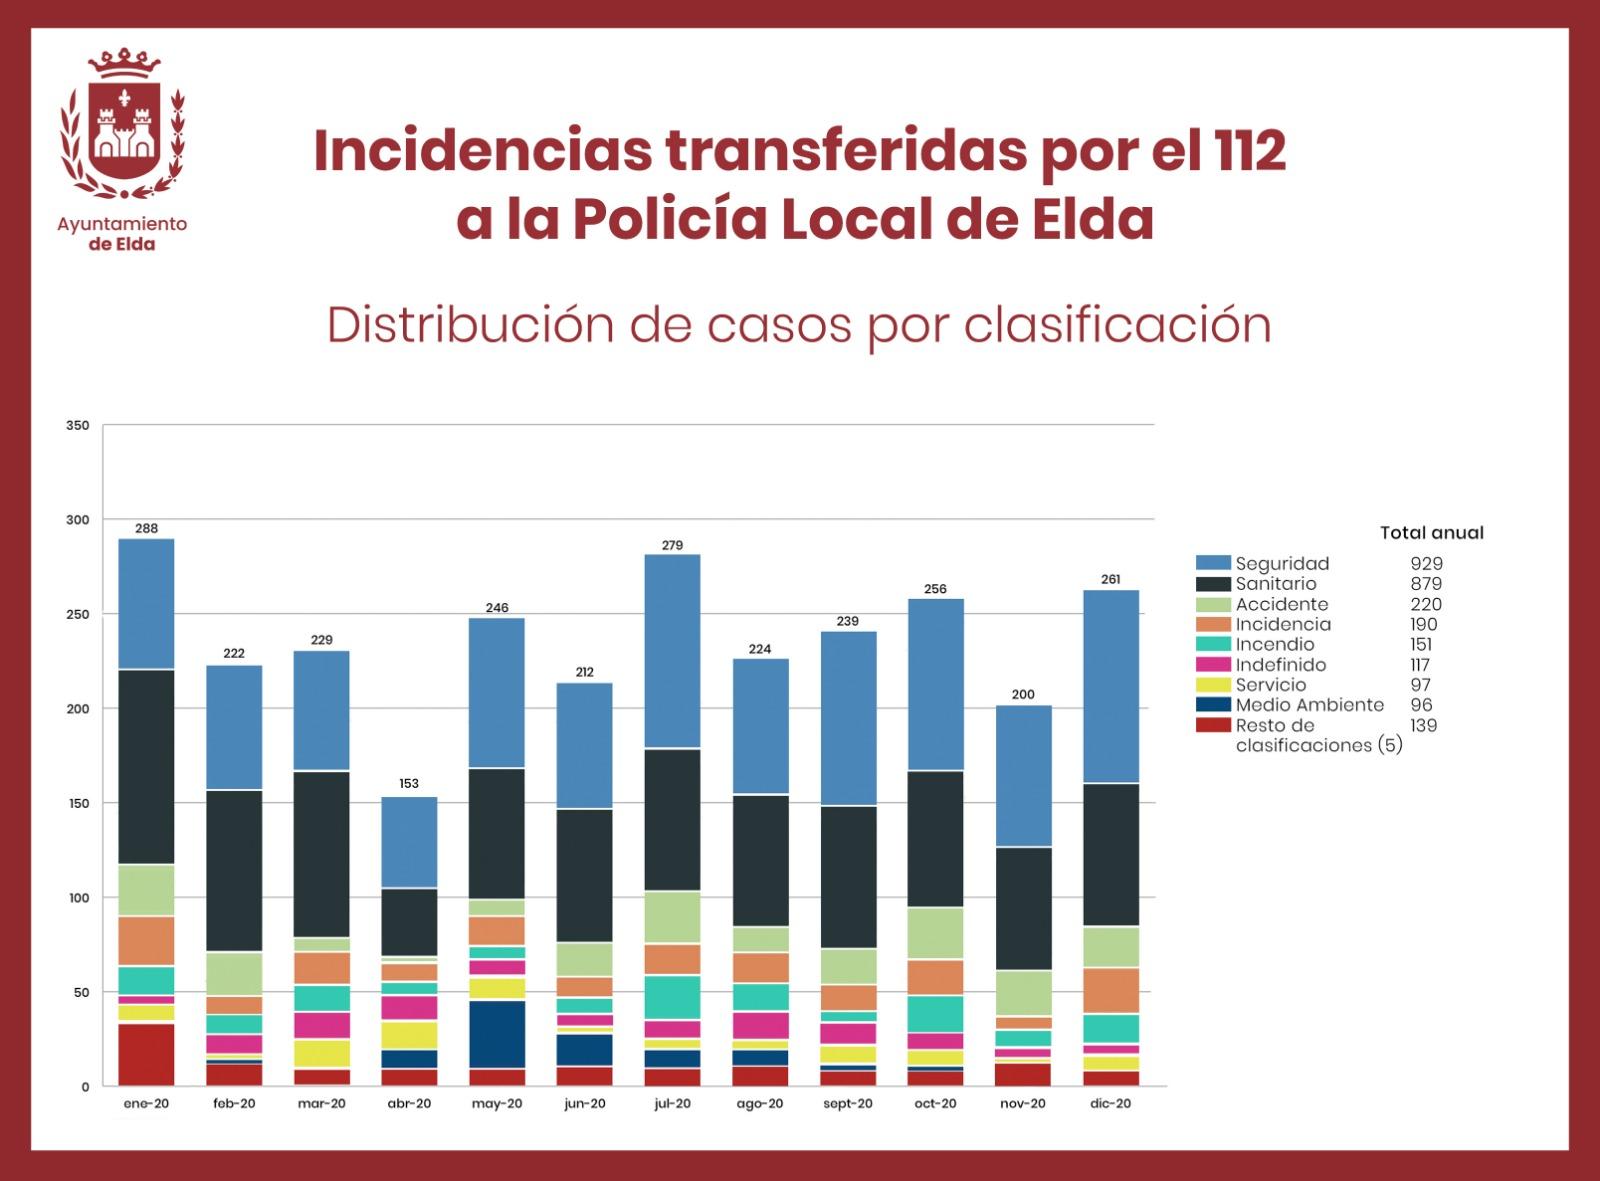 El teléfono de emergencias 112 transfirió a lo largo de 2020 un total de 2.809 incidentes a la Policía Local de Elda